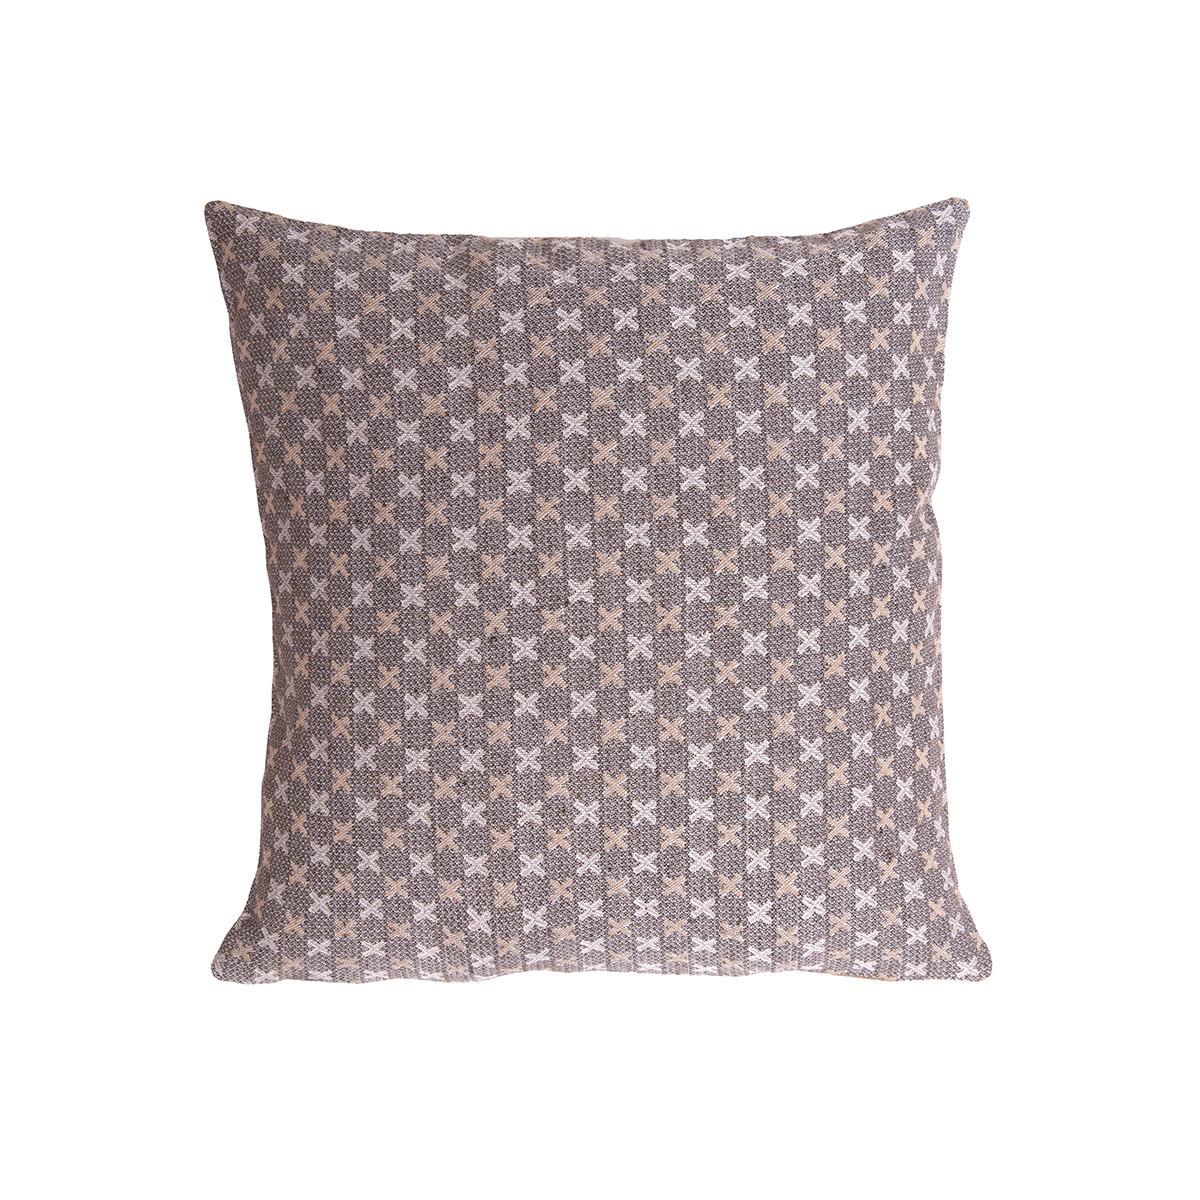 Διακοσμητική Μαξιλαροθήκη (40×40) Loom To Room Ristine Crispi Be